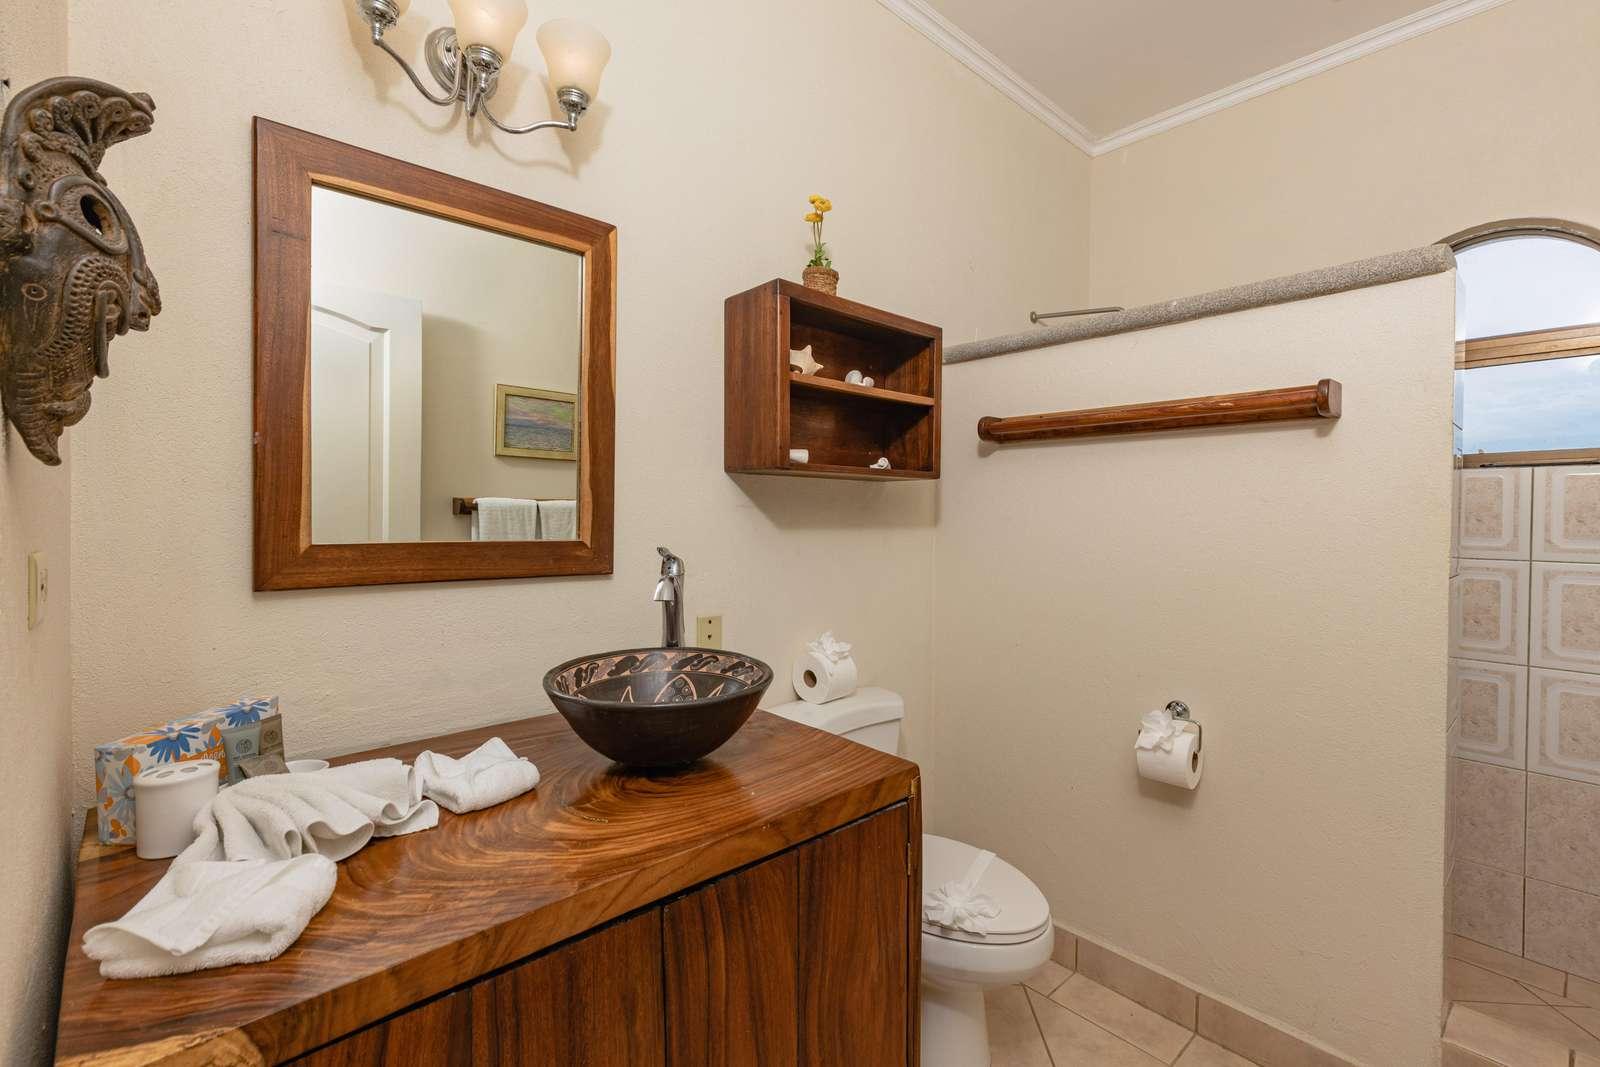 Master bathroom, Teak vanity, walk in shower